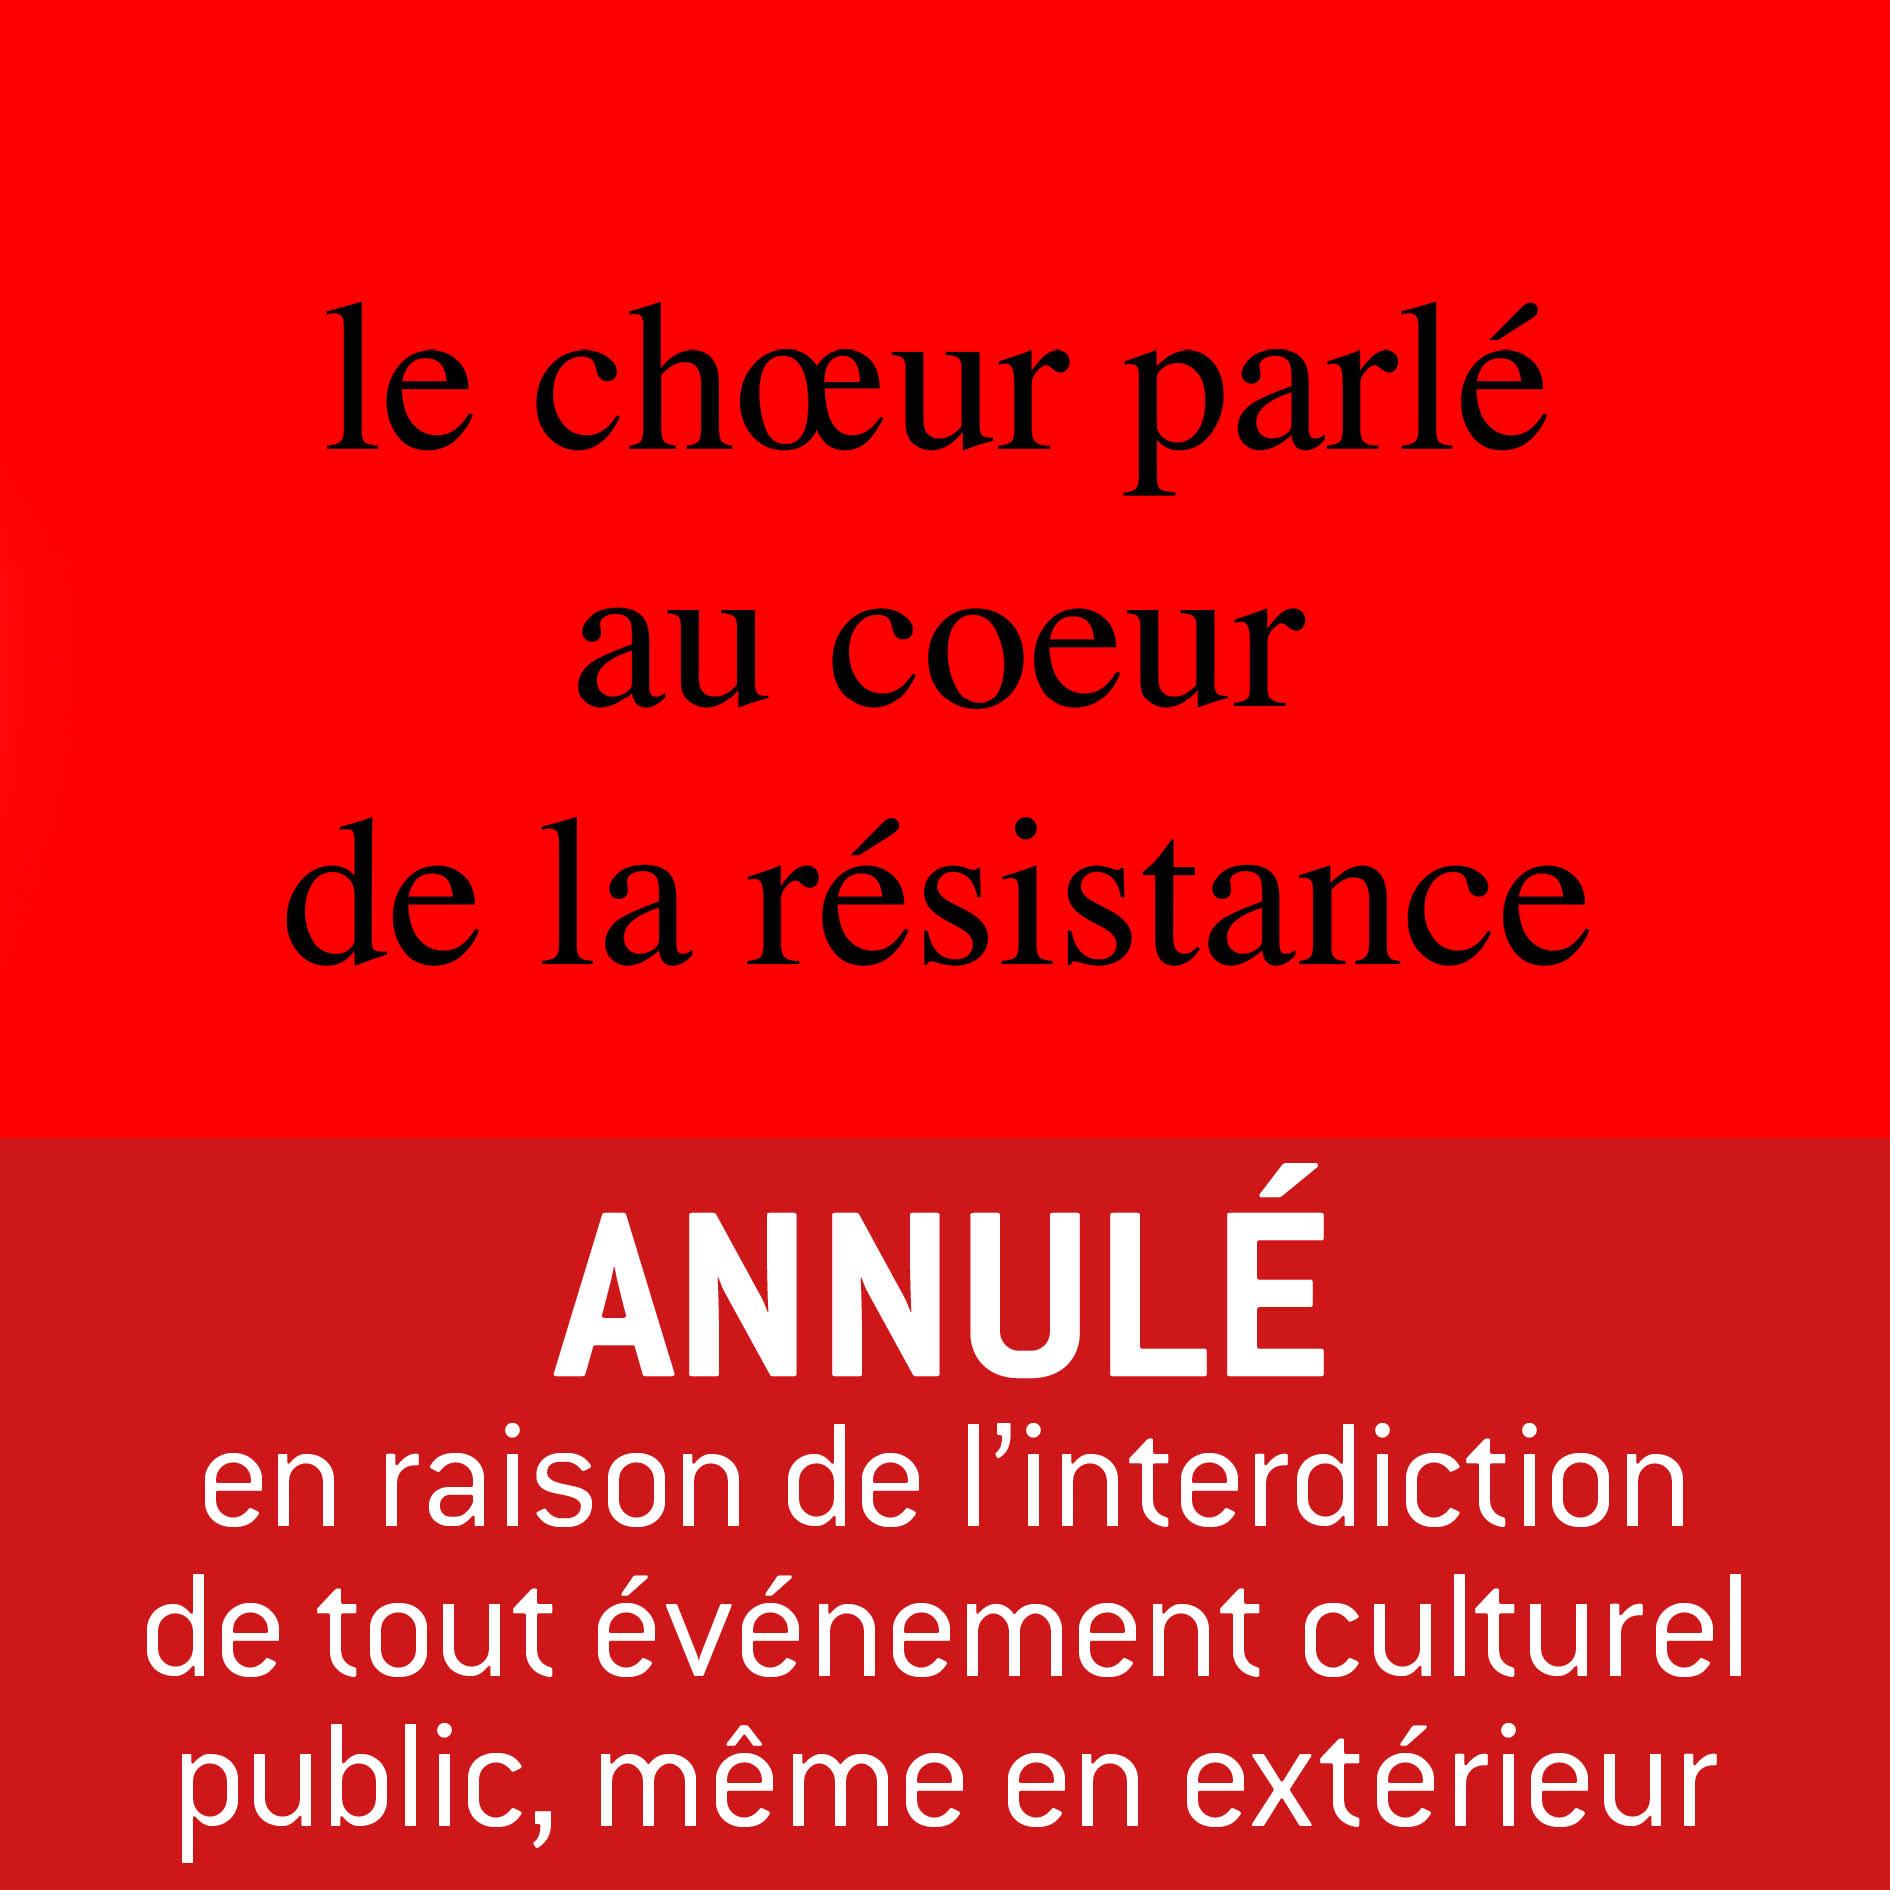 Au c(h)œur de la résistance | ANNULÉ !